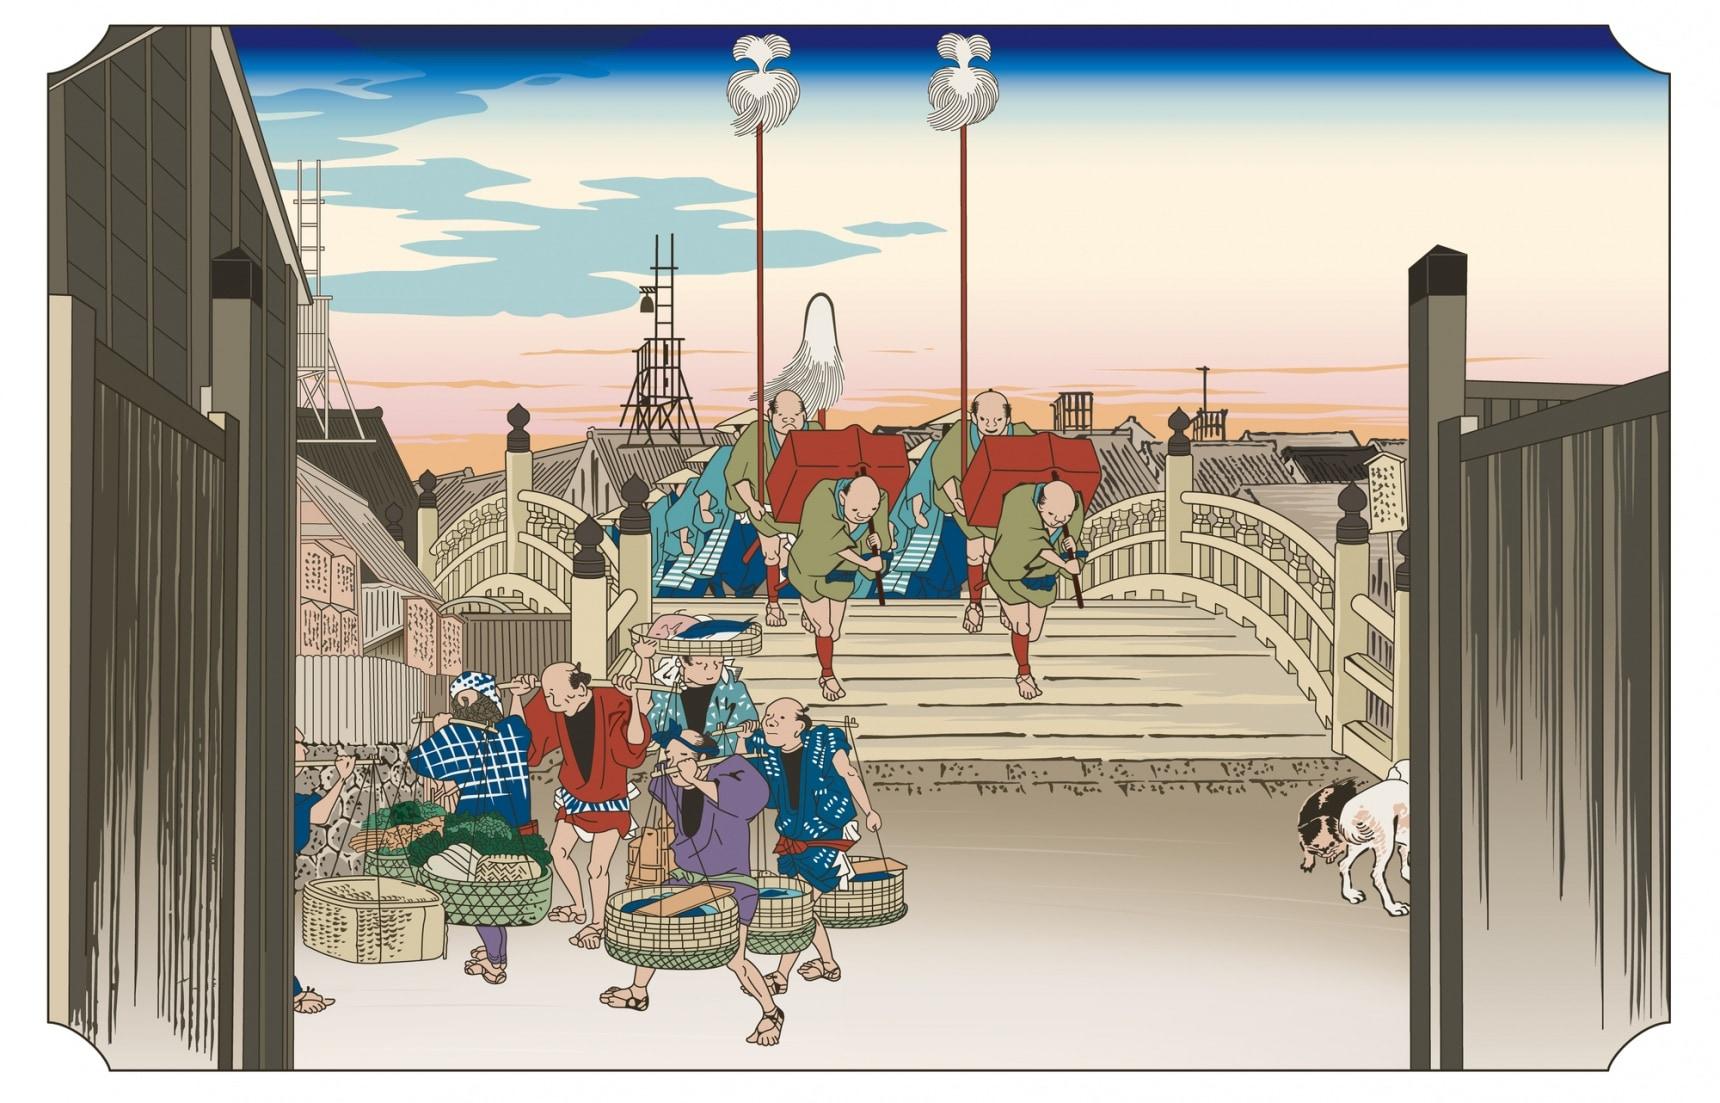 深度日本:东海道上走一遭——详解日本版画里的密码(一)